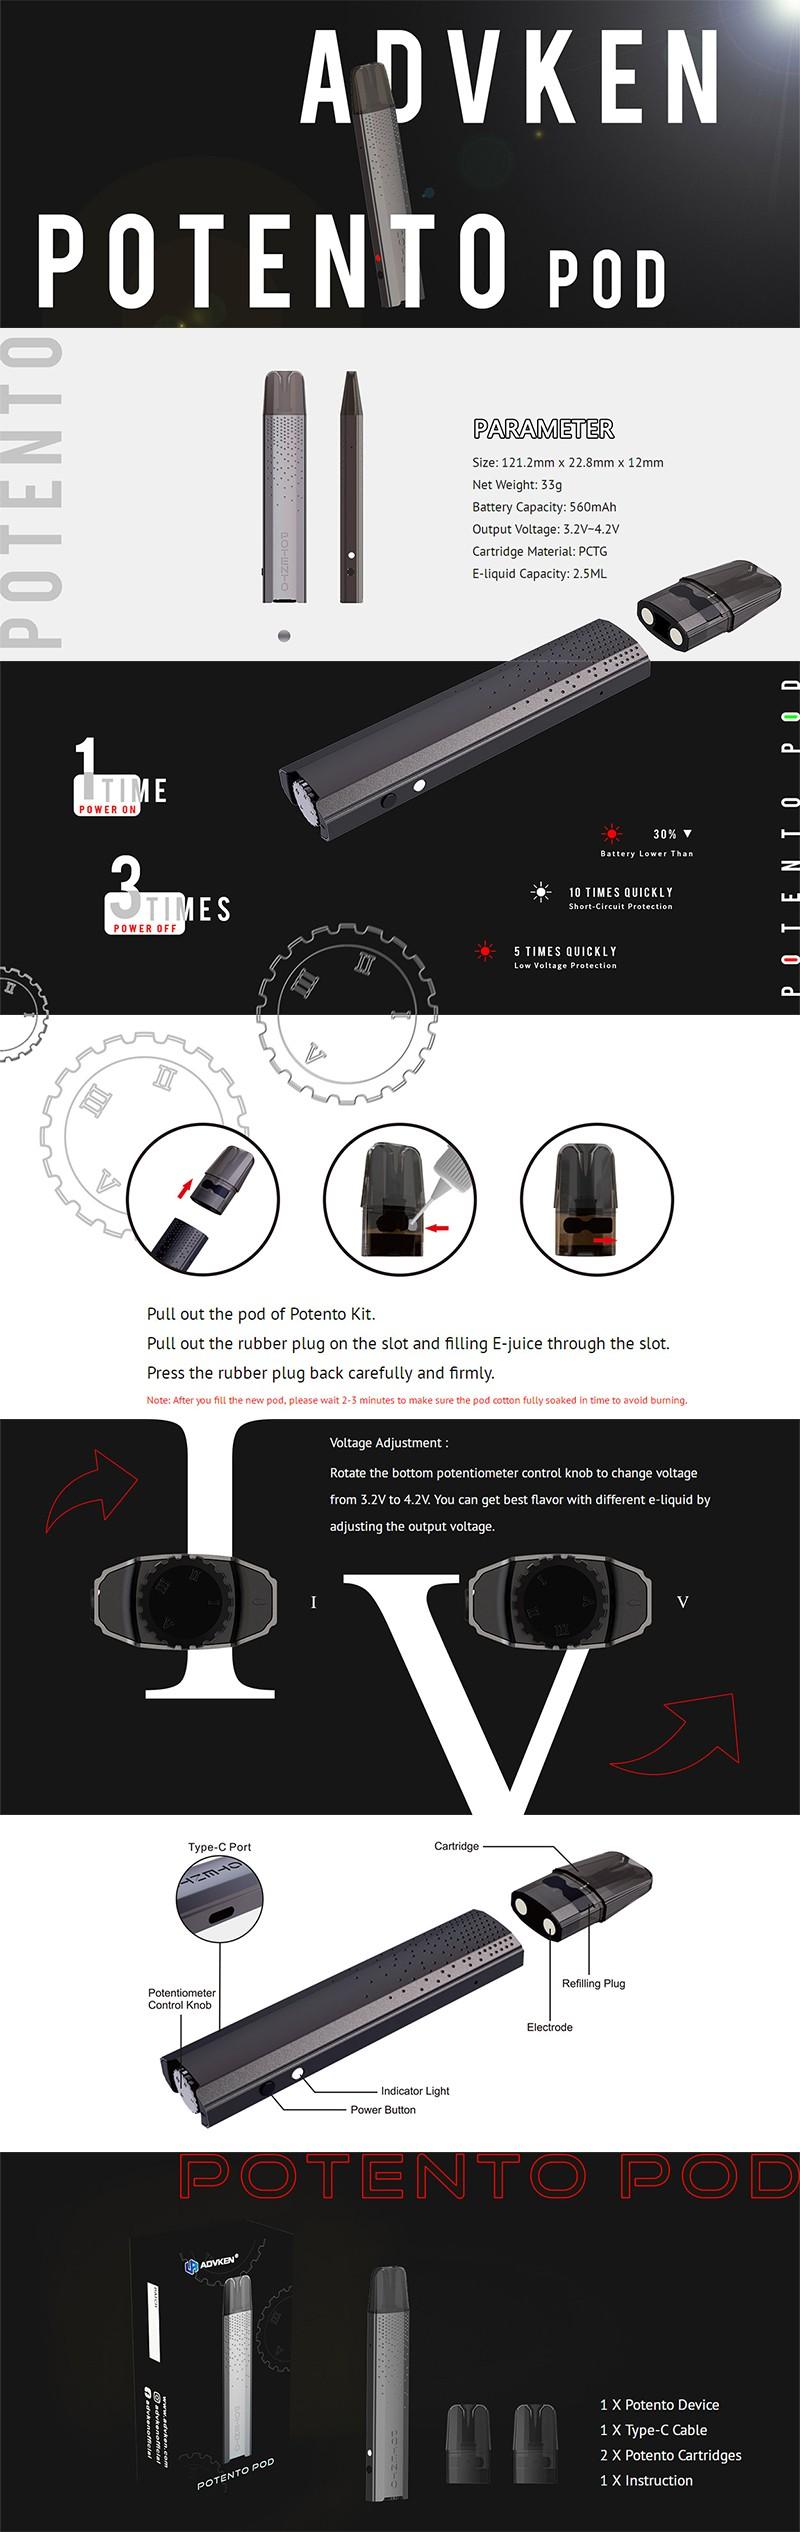 Advken Potento 560mAh Pod System Vape Starter Kit